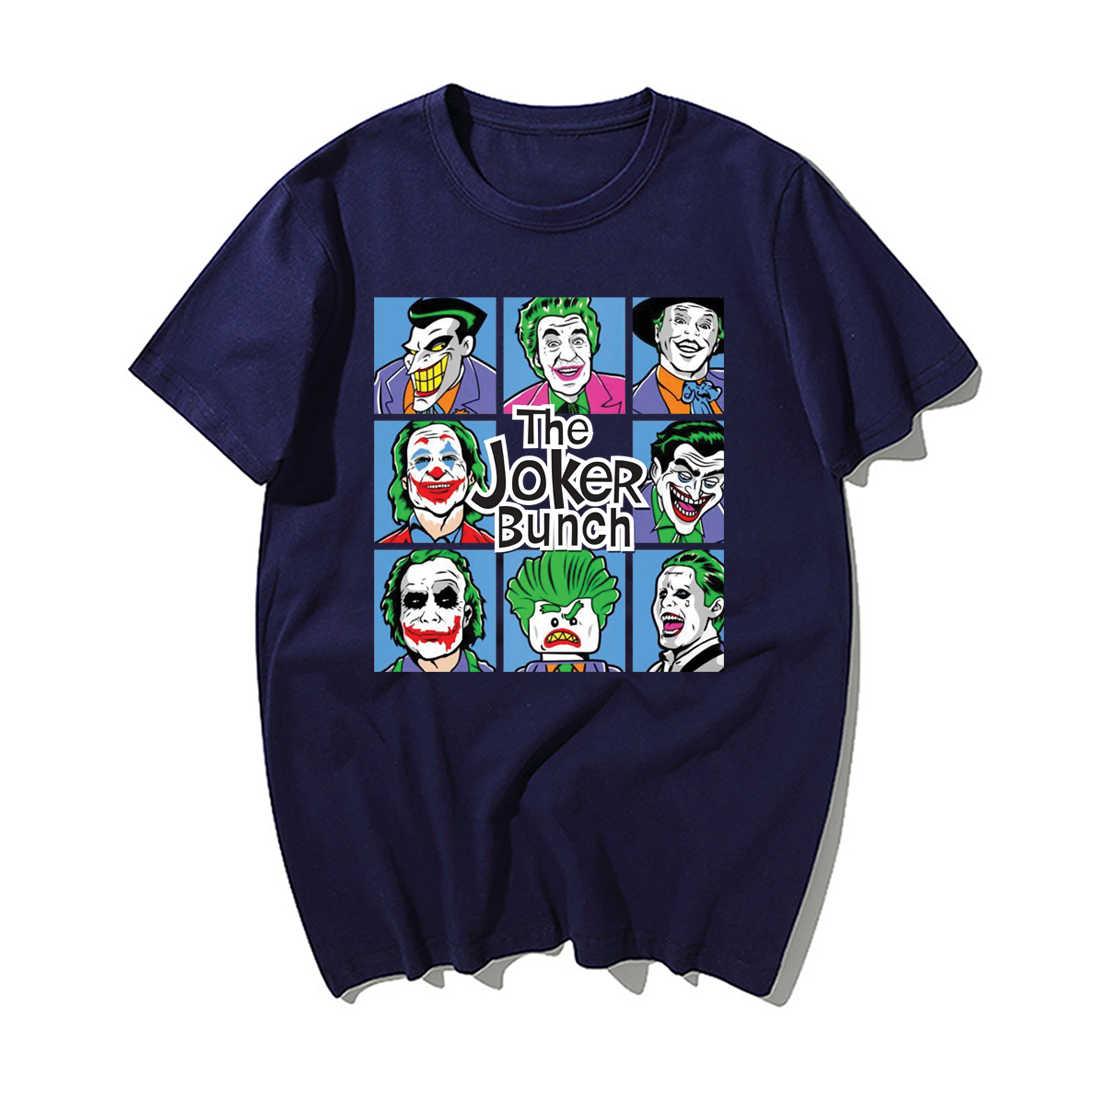 Забавные Джокеры, Футболка мужская, модная, Джокер, с принтом, летняя, хип-хоп, топы, уличная, повседневная, хлопковая, с коротким рукавом, футболки